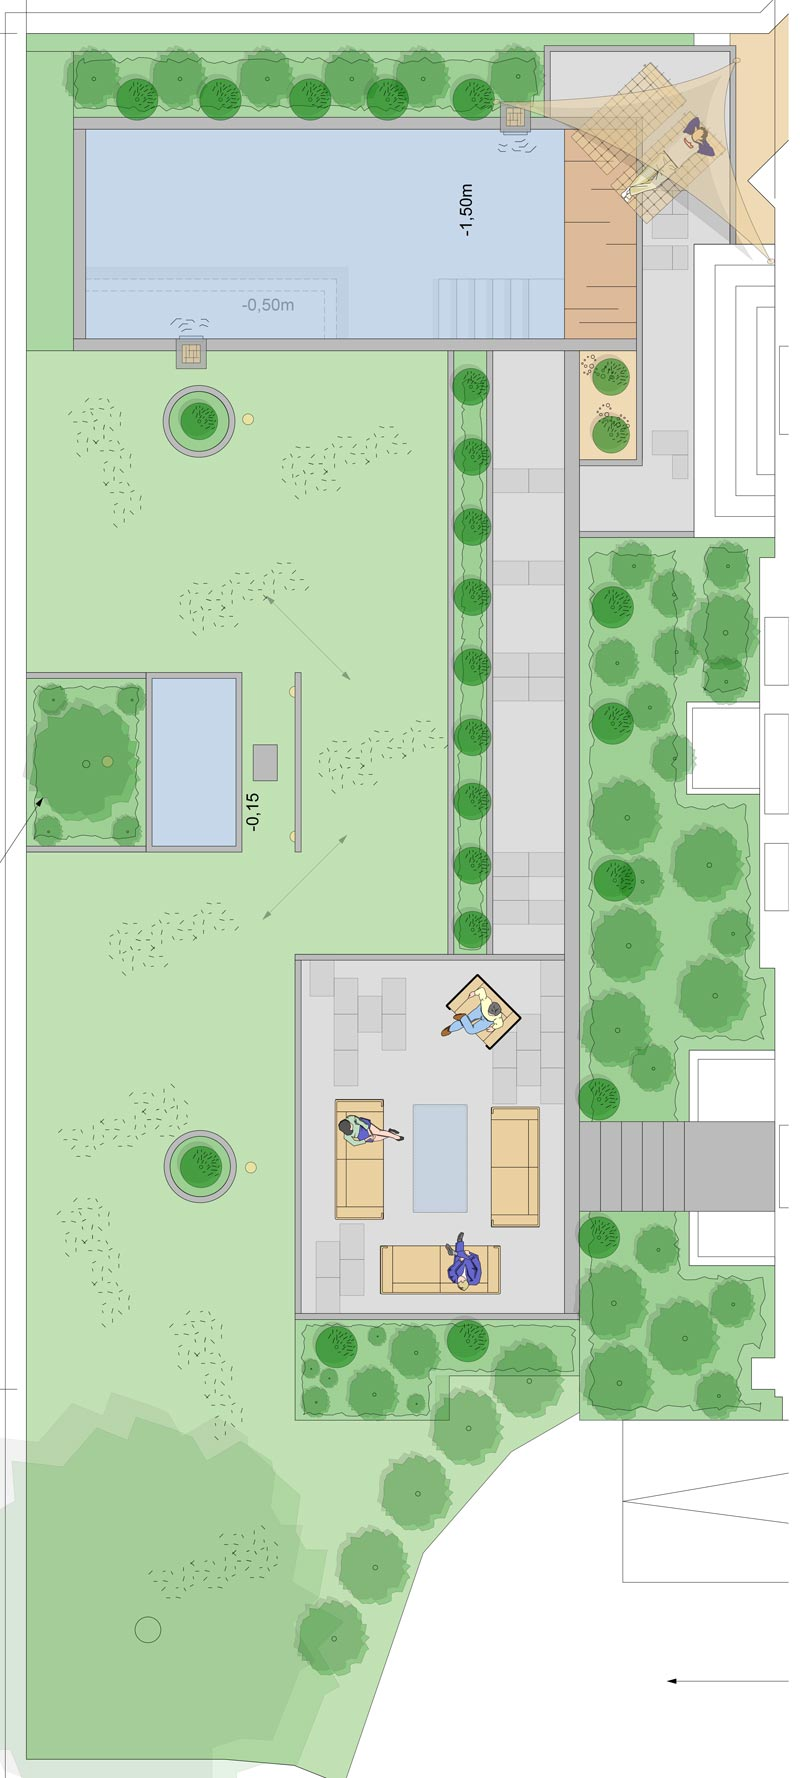 Full Size of Garten Mit Pool Gestalten Anlegen Mieten Kaufen Nrw Bilder Obi Kleinen Bremen Knolle Harpstedt Whirlpool Aufblasbar Bett Schubladen 90x200 Weiß 180x200 Wohnzimmer Garten Mit Pool